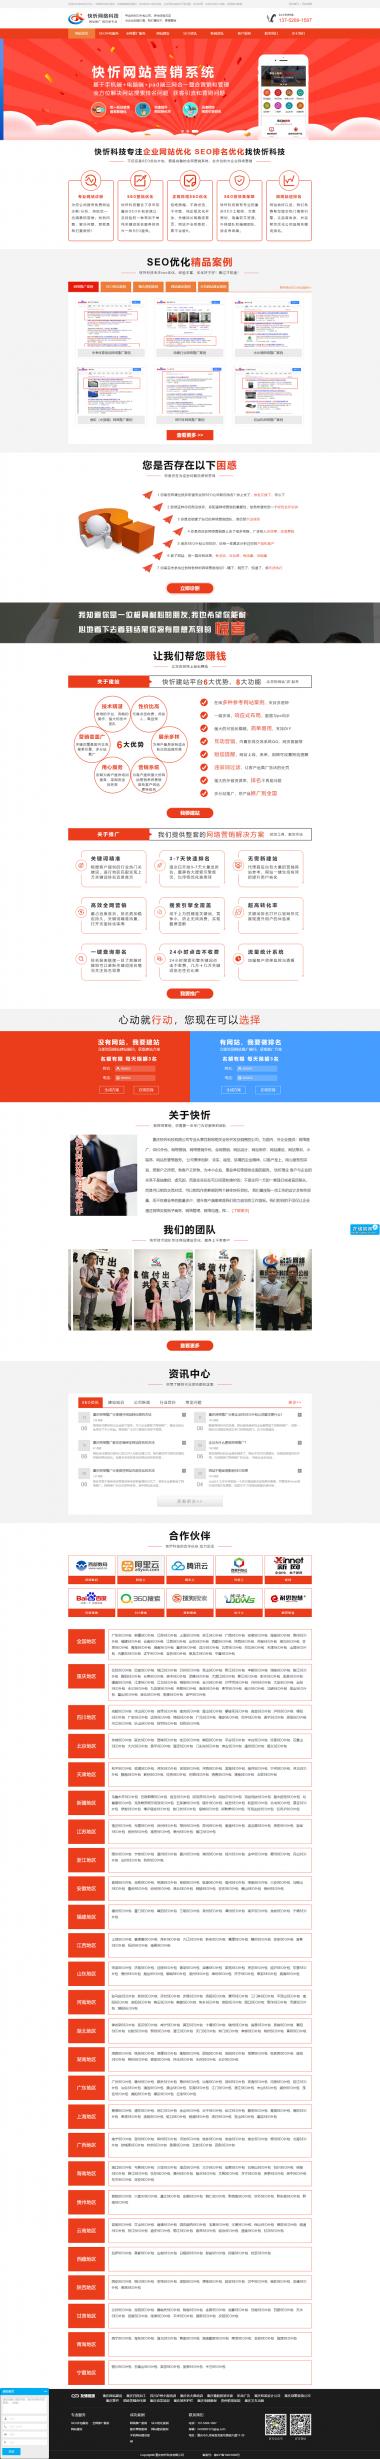 重庆快忻科技有限公司网站建设案例